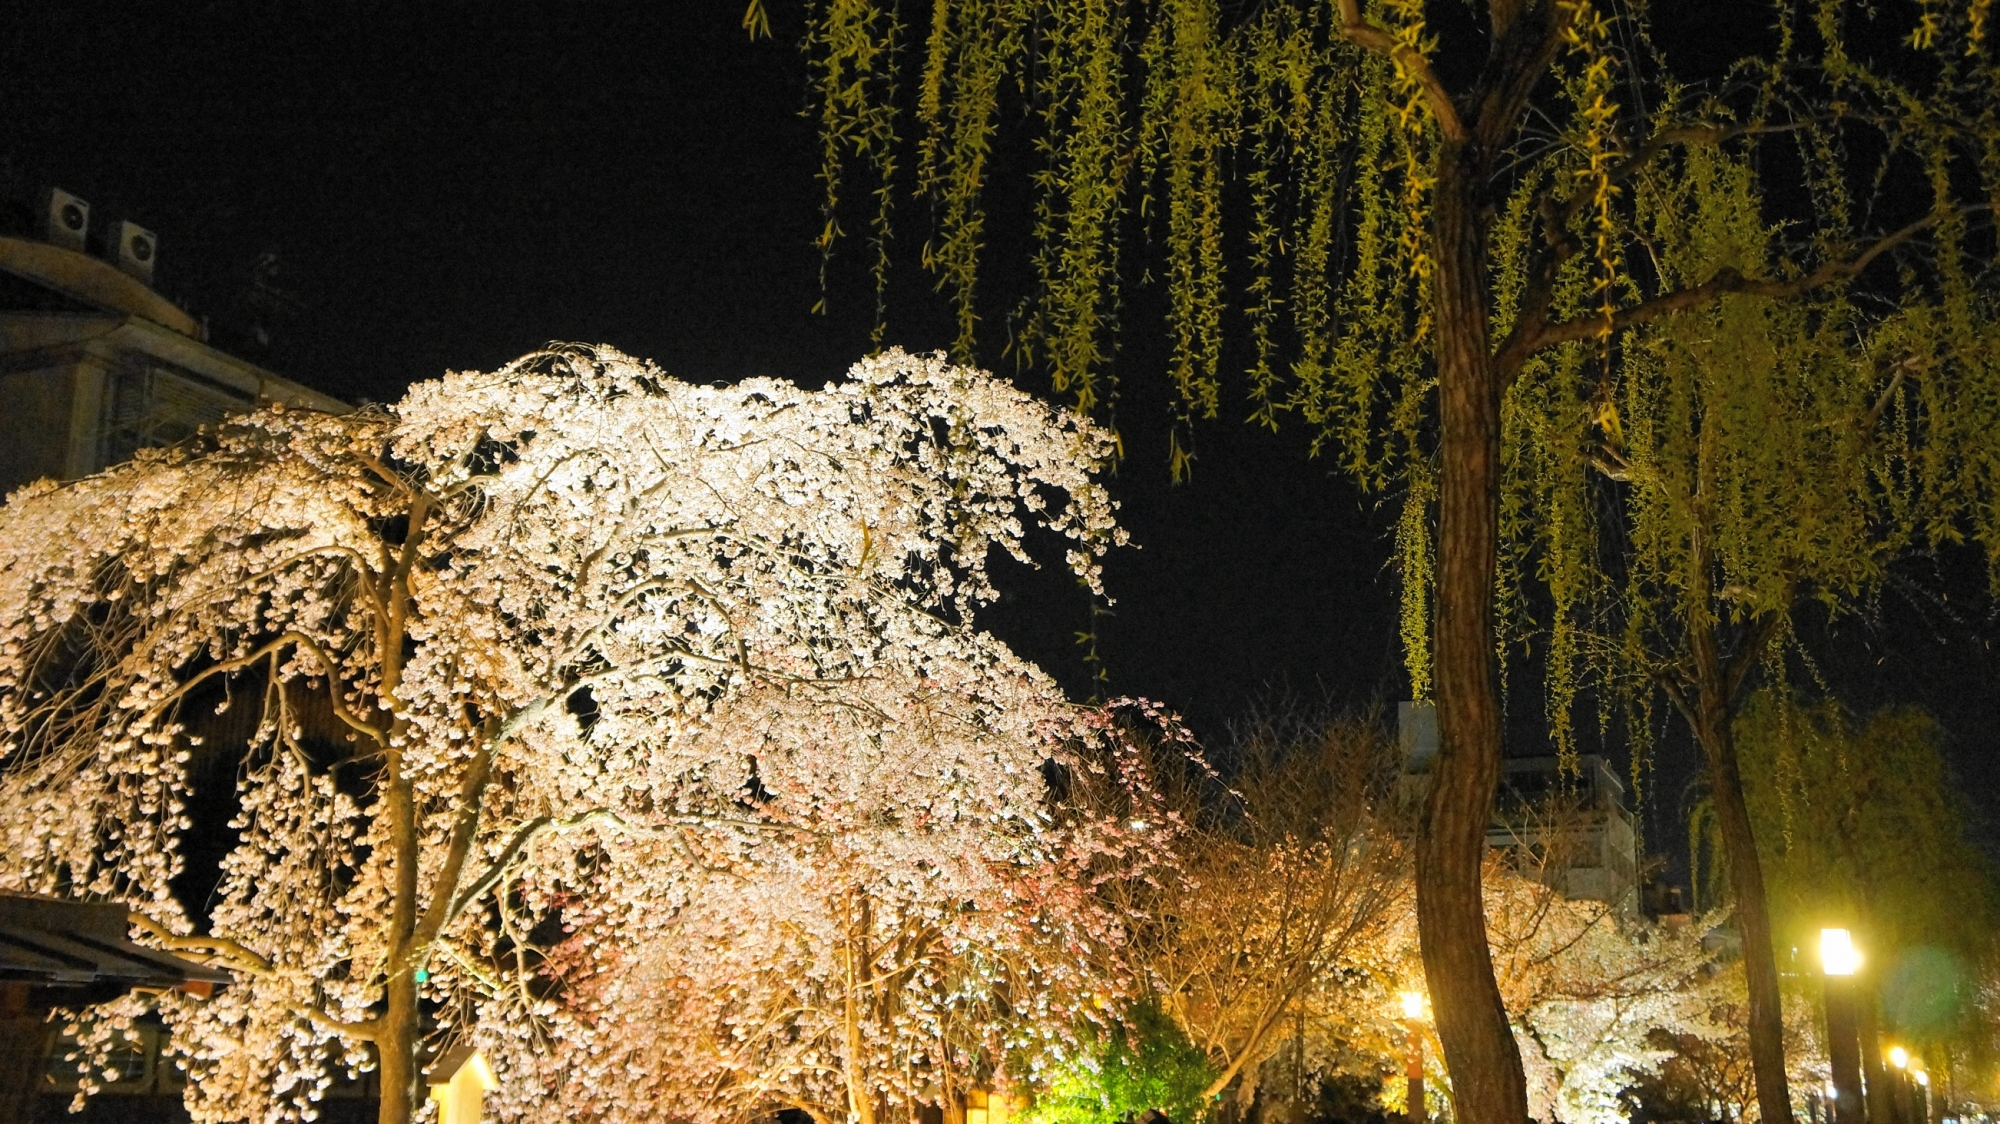 祇園白川 夜桜 柳 春 ライトアップ